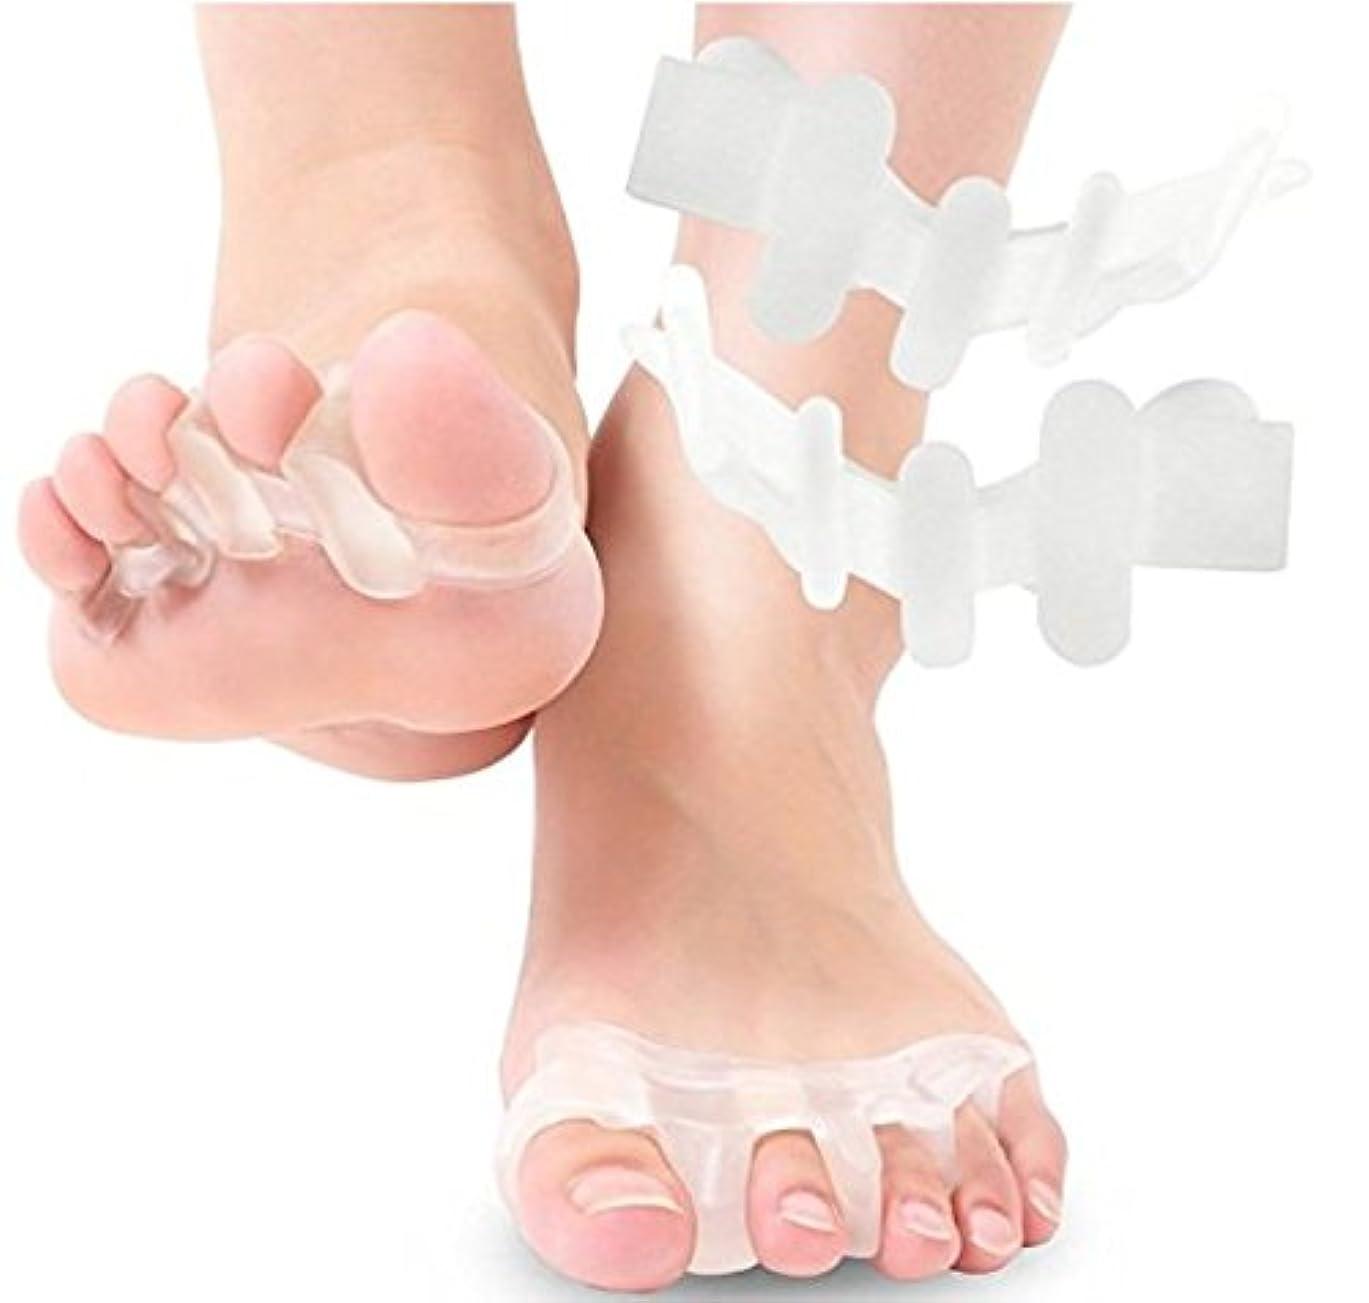 足指ケアシリコンパッド むくみ解消 外反母趾予防 冷え性改善 姿勢改善 疲労回復 男女兼用